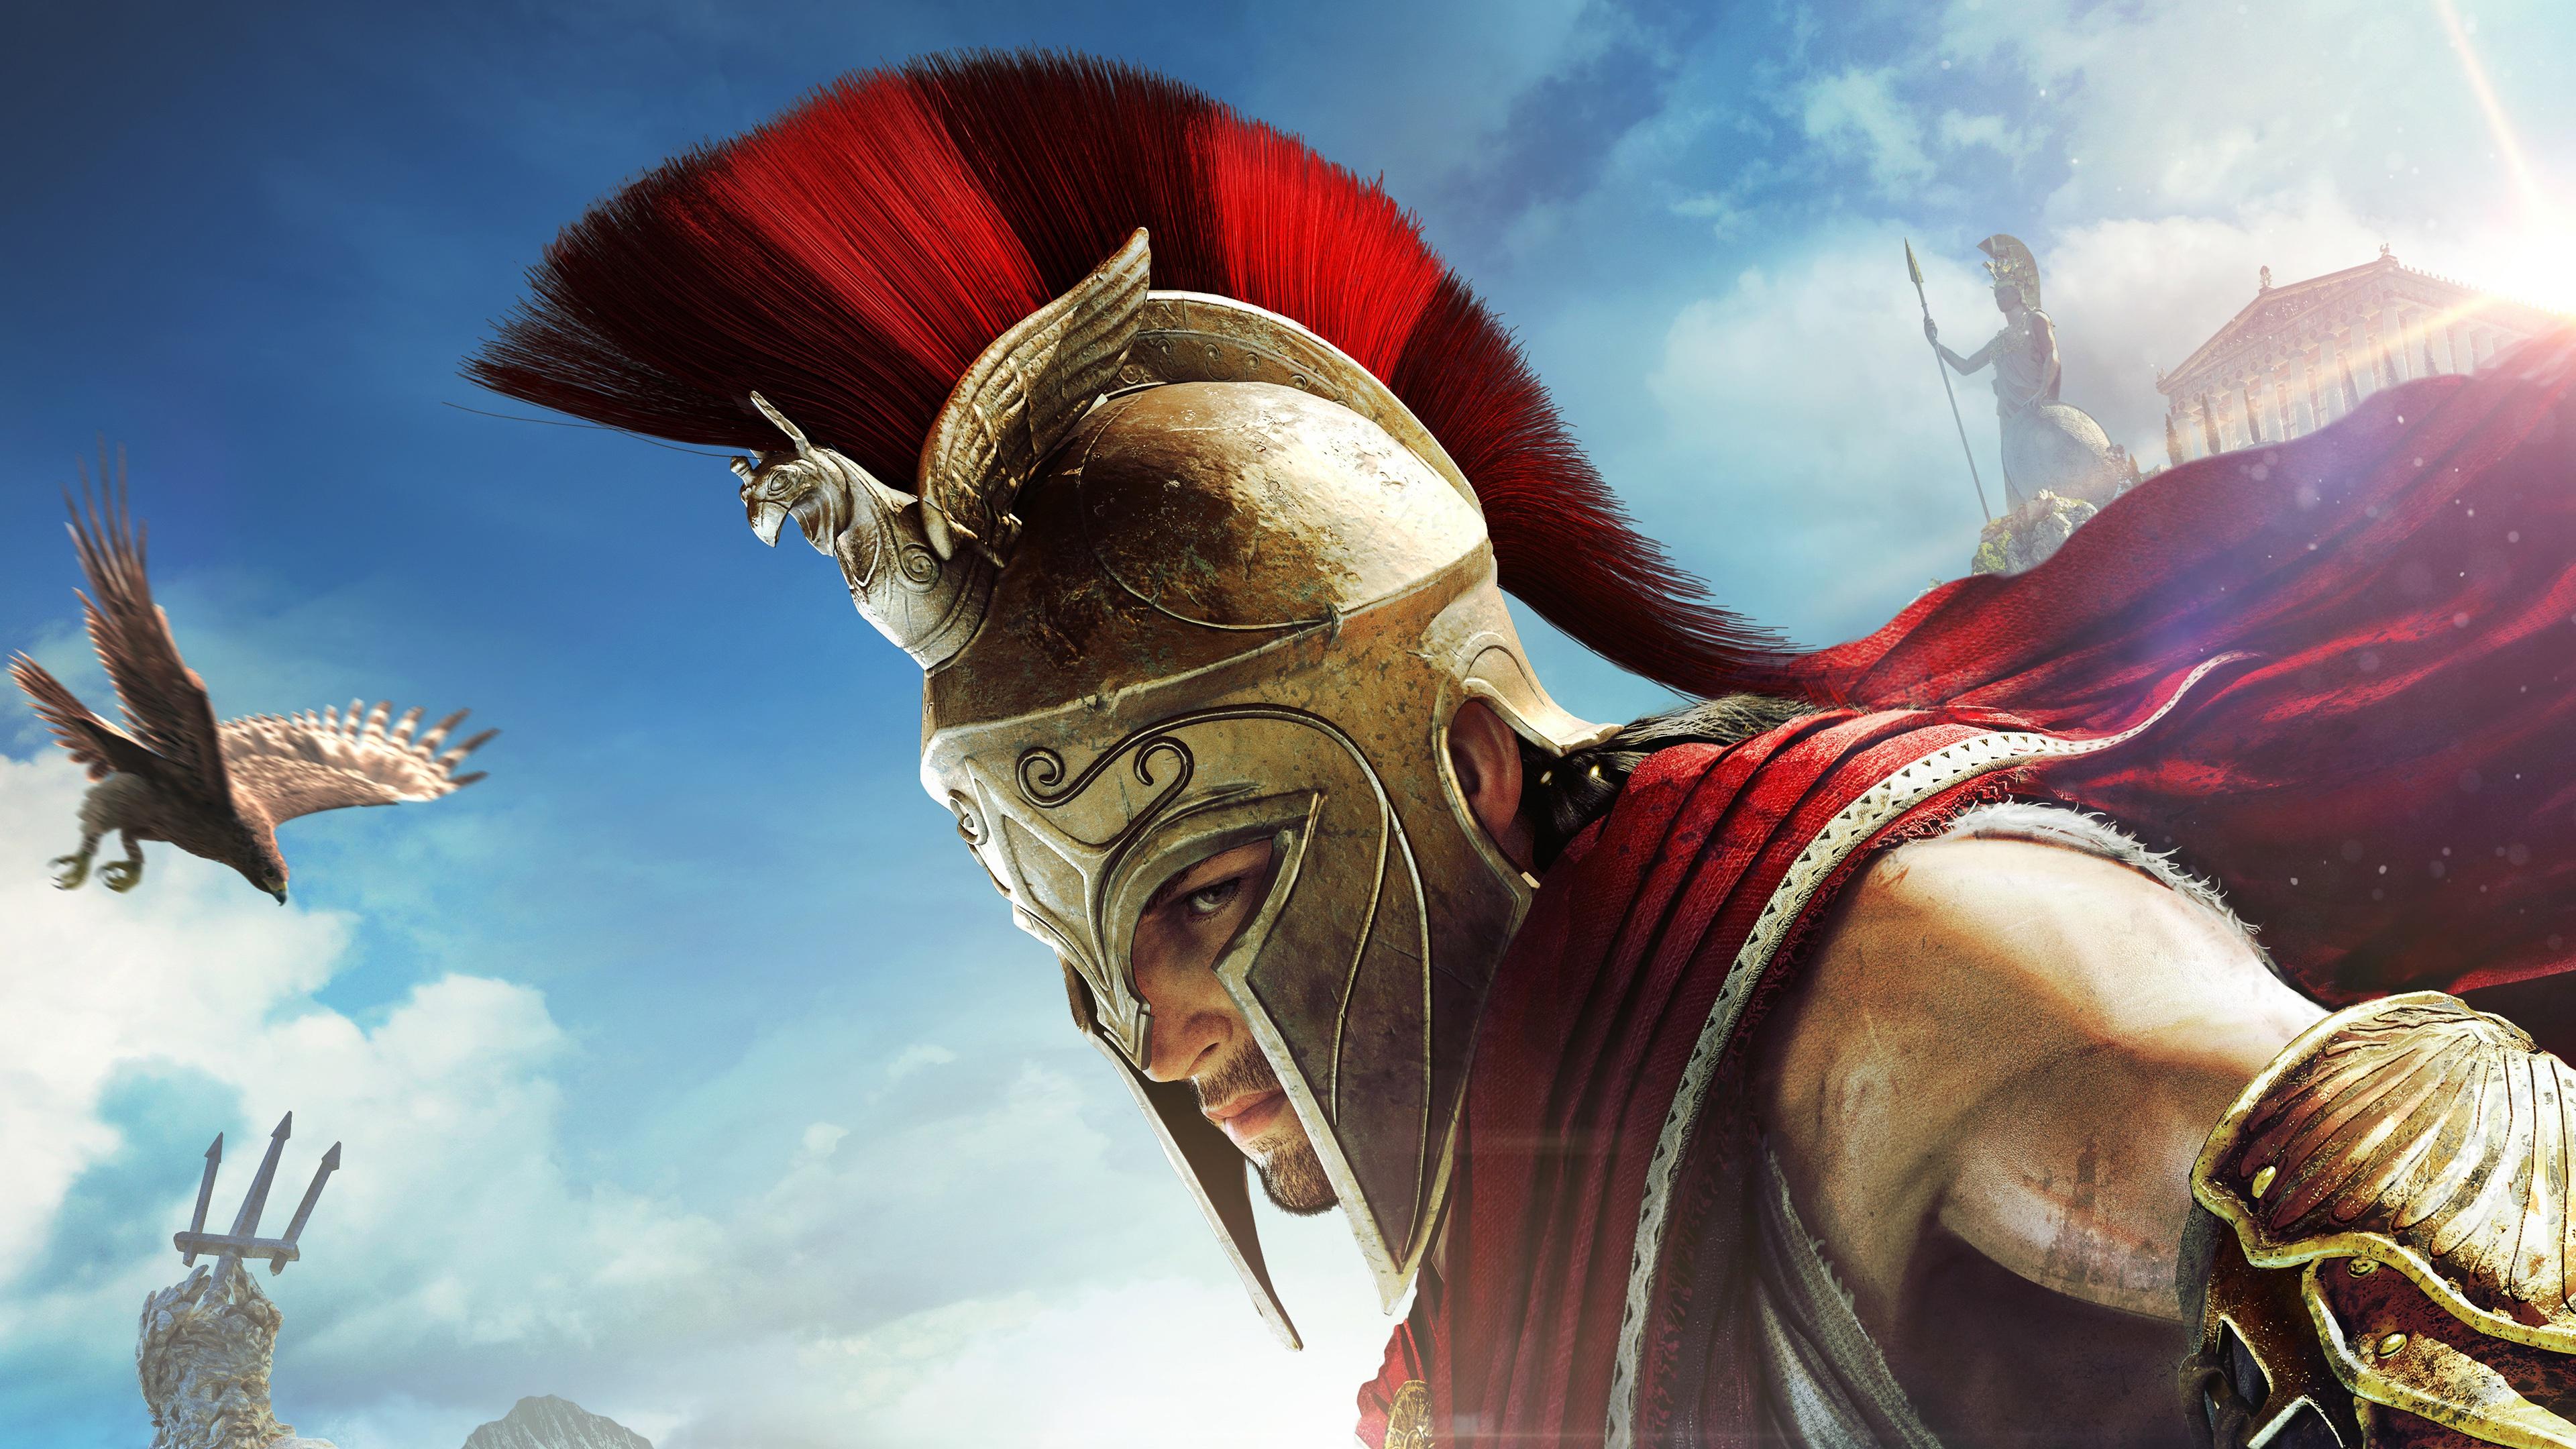 Фото Assassin's Creed Odyssey воины шлема Игры воин Шлем в шлеме Воители компьютерная игра